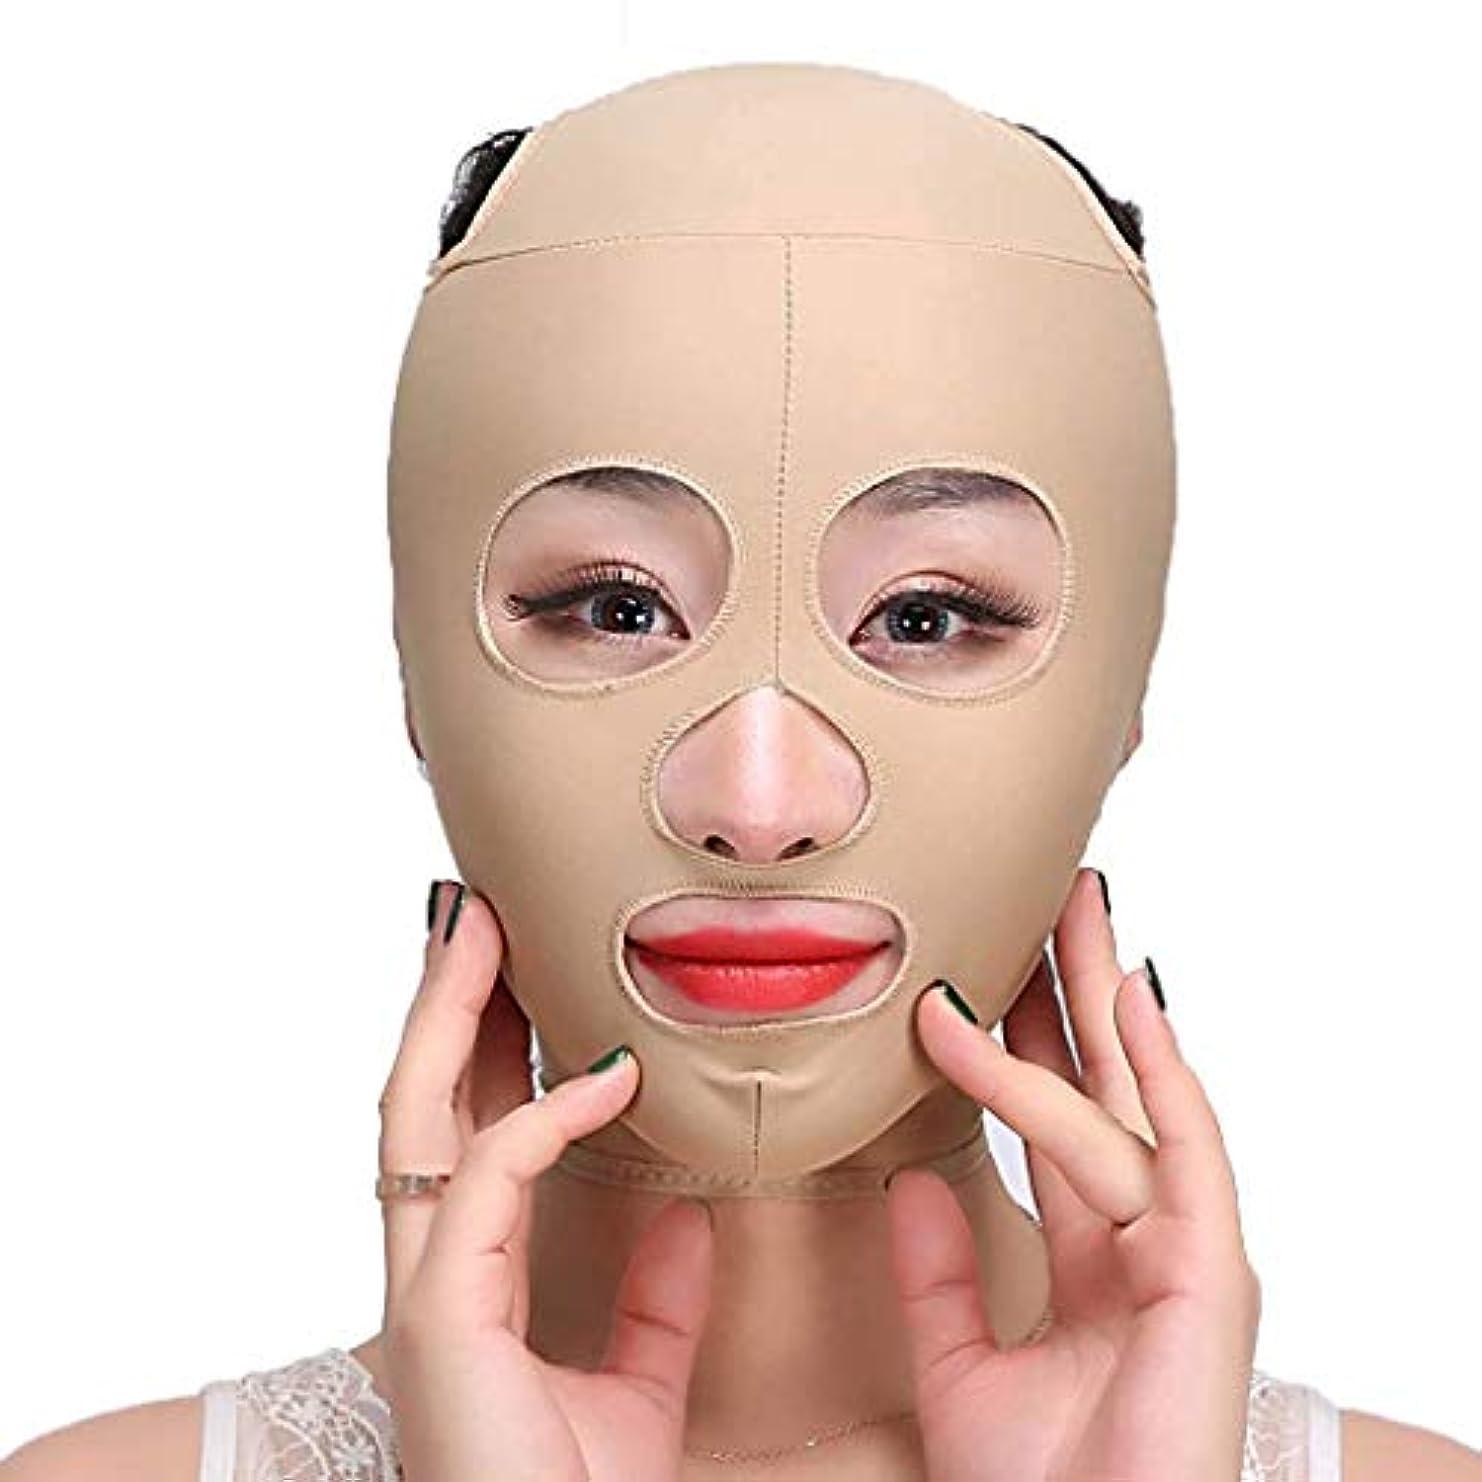 服を洗う読み書きのできないコンサート痩身ベルト、フェイスマスクシンフェイス機器リフティング引き締めVフェイス男性と女性フェイスリフティングステッカーダブルチンフェイスリフティングフェイスマスク包帯フェイシャルマッサージ(サイズ:M)